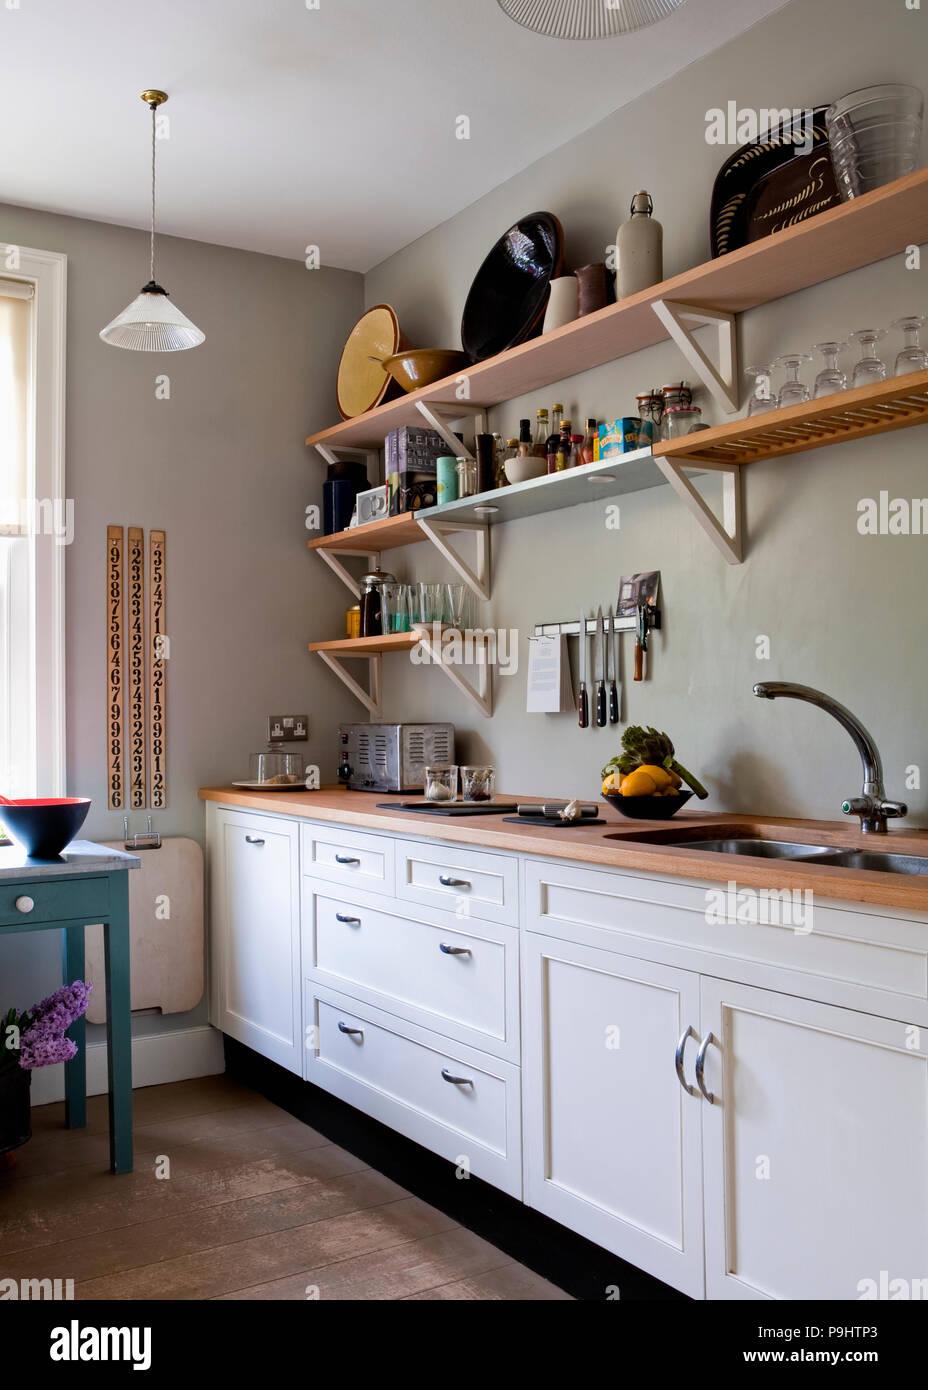 einfache h lzerne regale ber montiert wei einheit mit sp le und arbeitsplatte in hellem grau. Black Bedroom Furniture Sets. Home Design Ideas